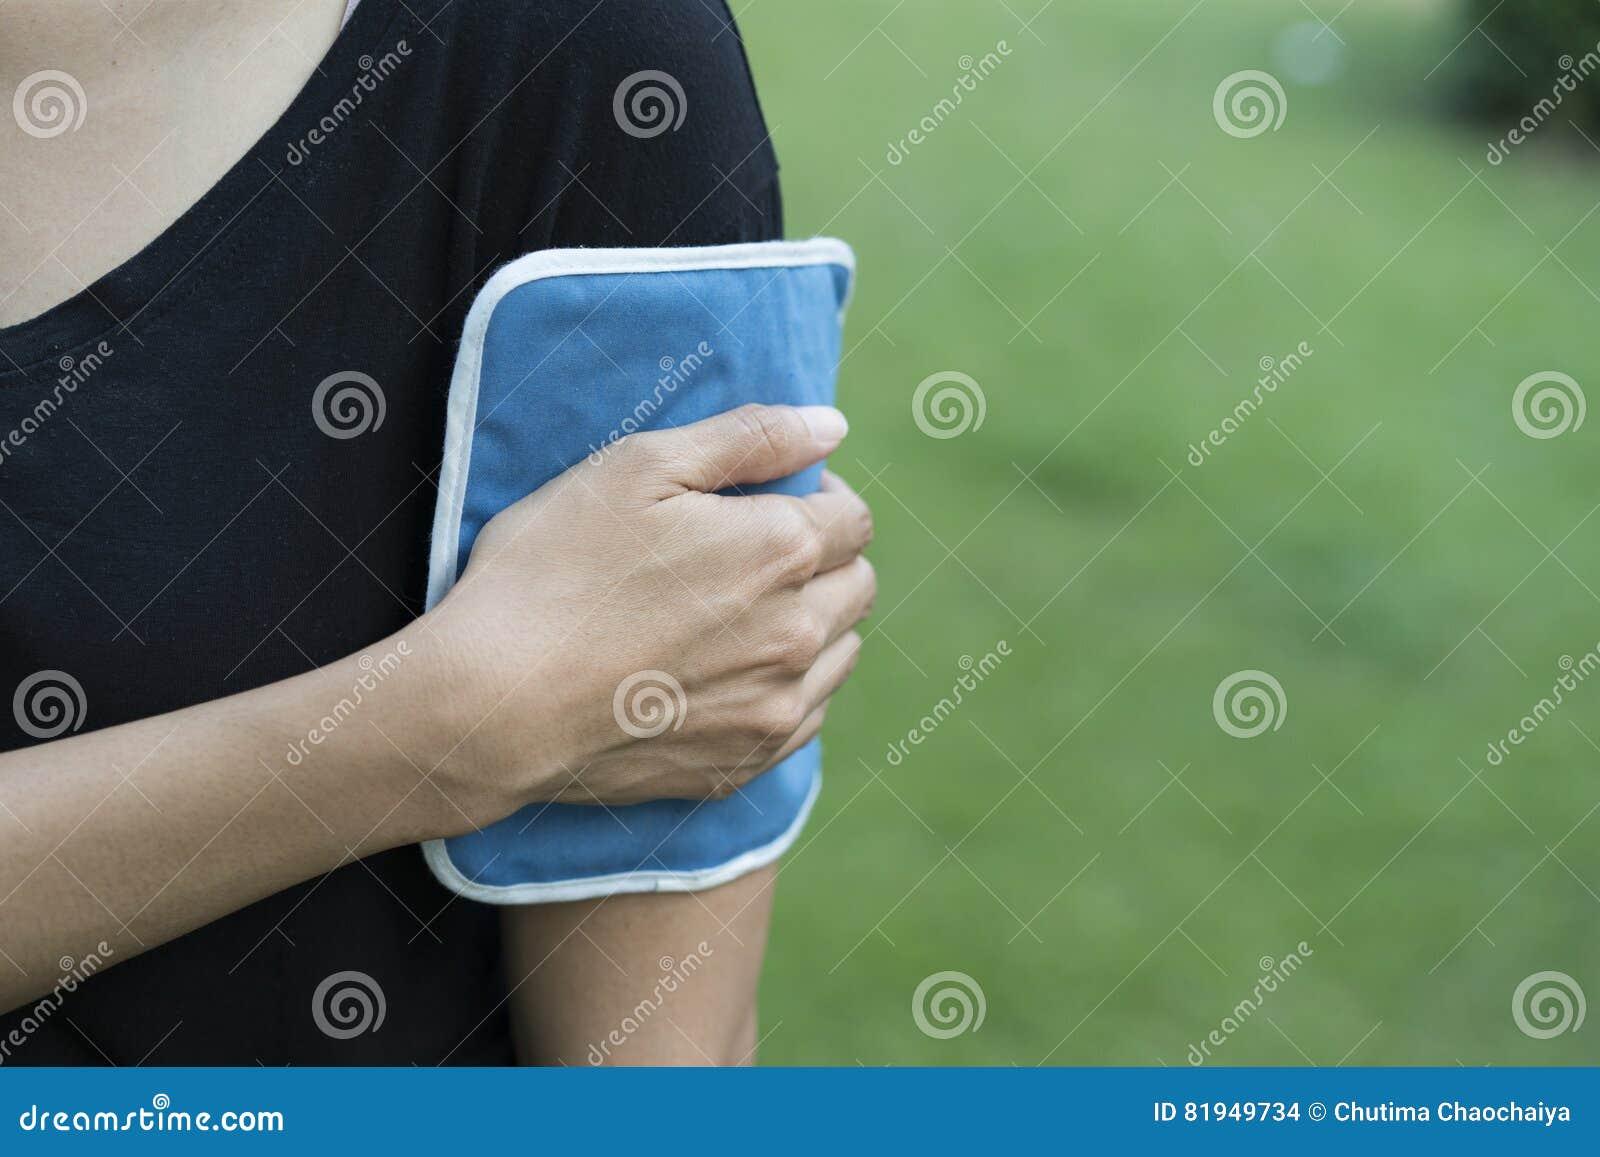 Bolsa De Gelo Ombro : Mulher que aplica a bolsa de gelo em seu bra?o foto